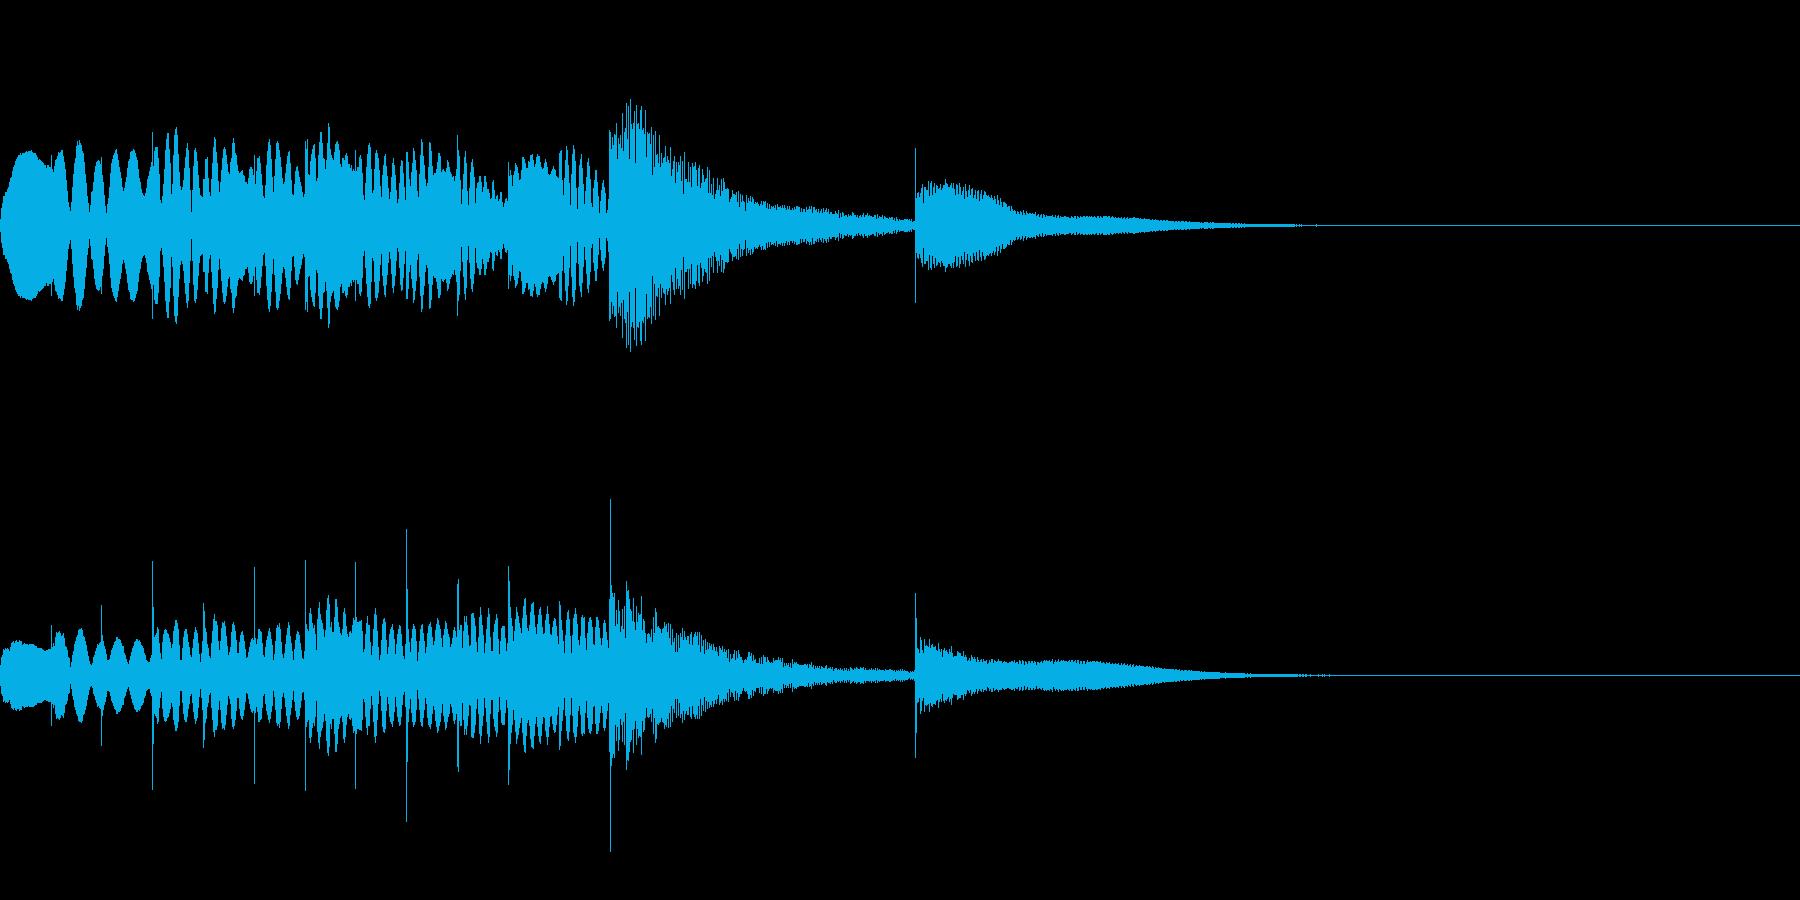 マリンバとグロッケンのジングル5の再生済みの波形